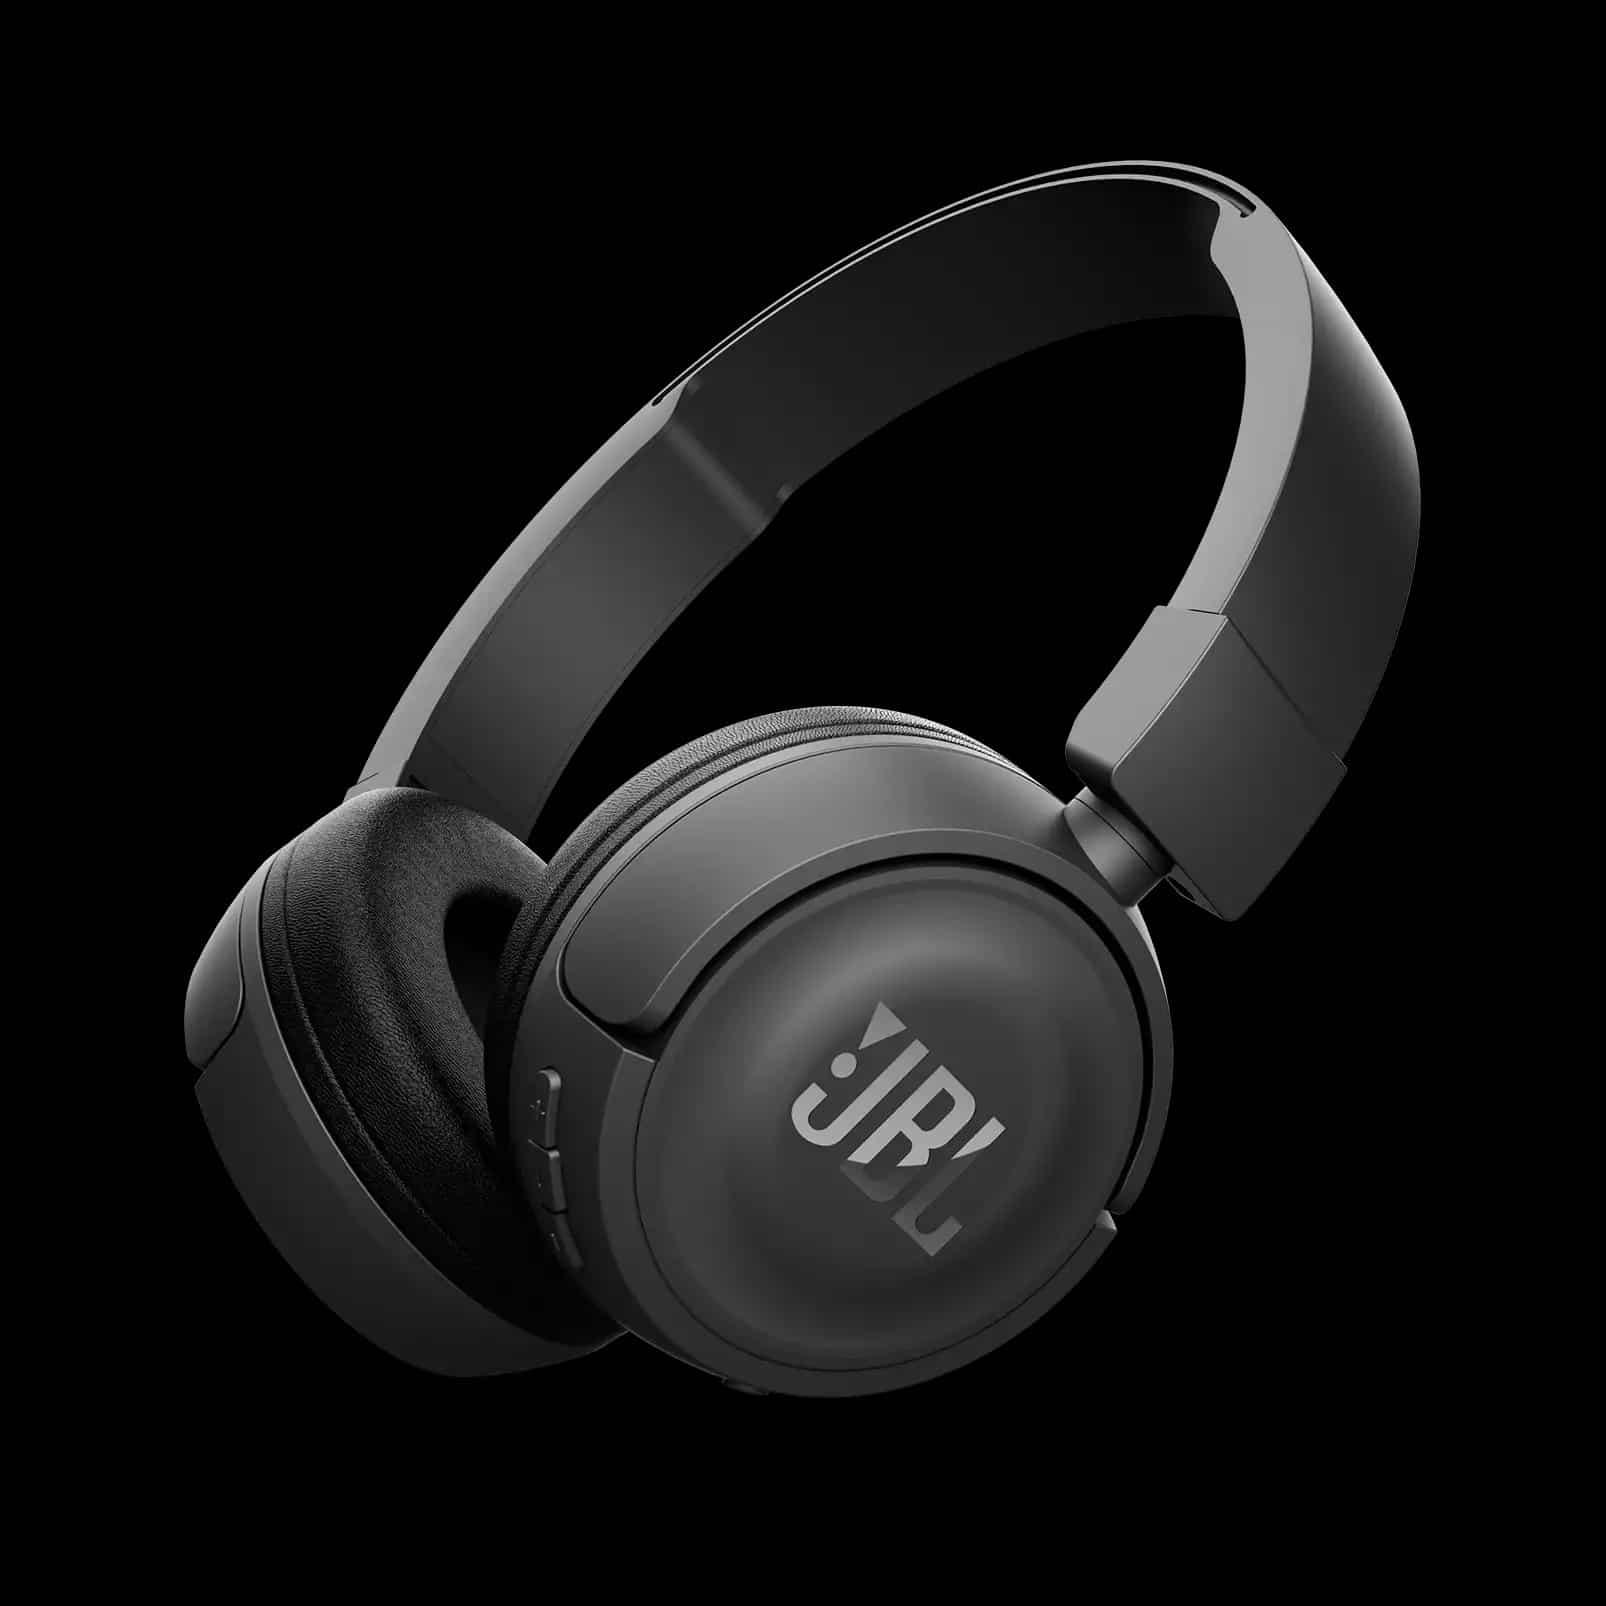 JBL-Wireless-On-Ear-Headphone-T450BT